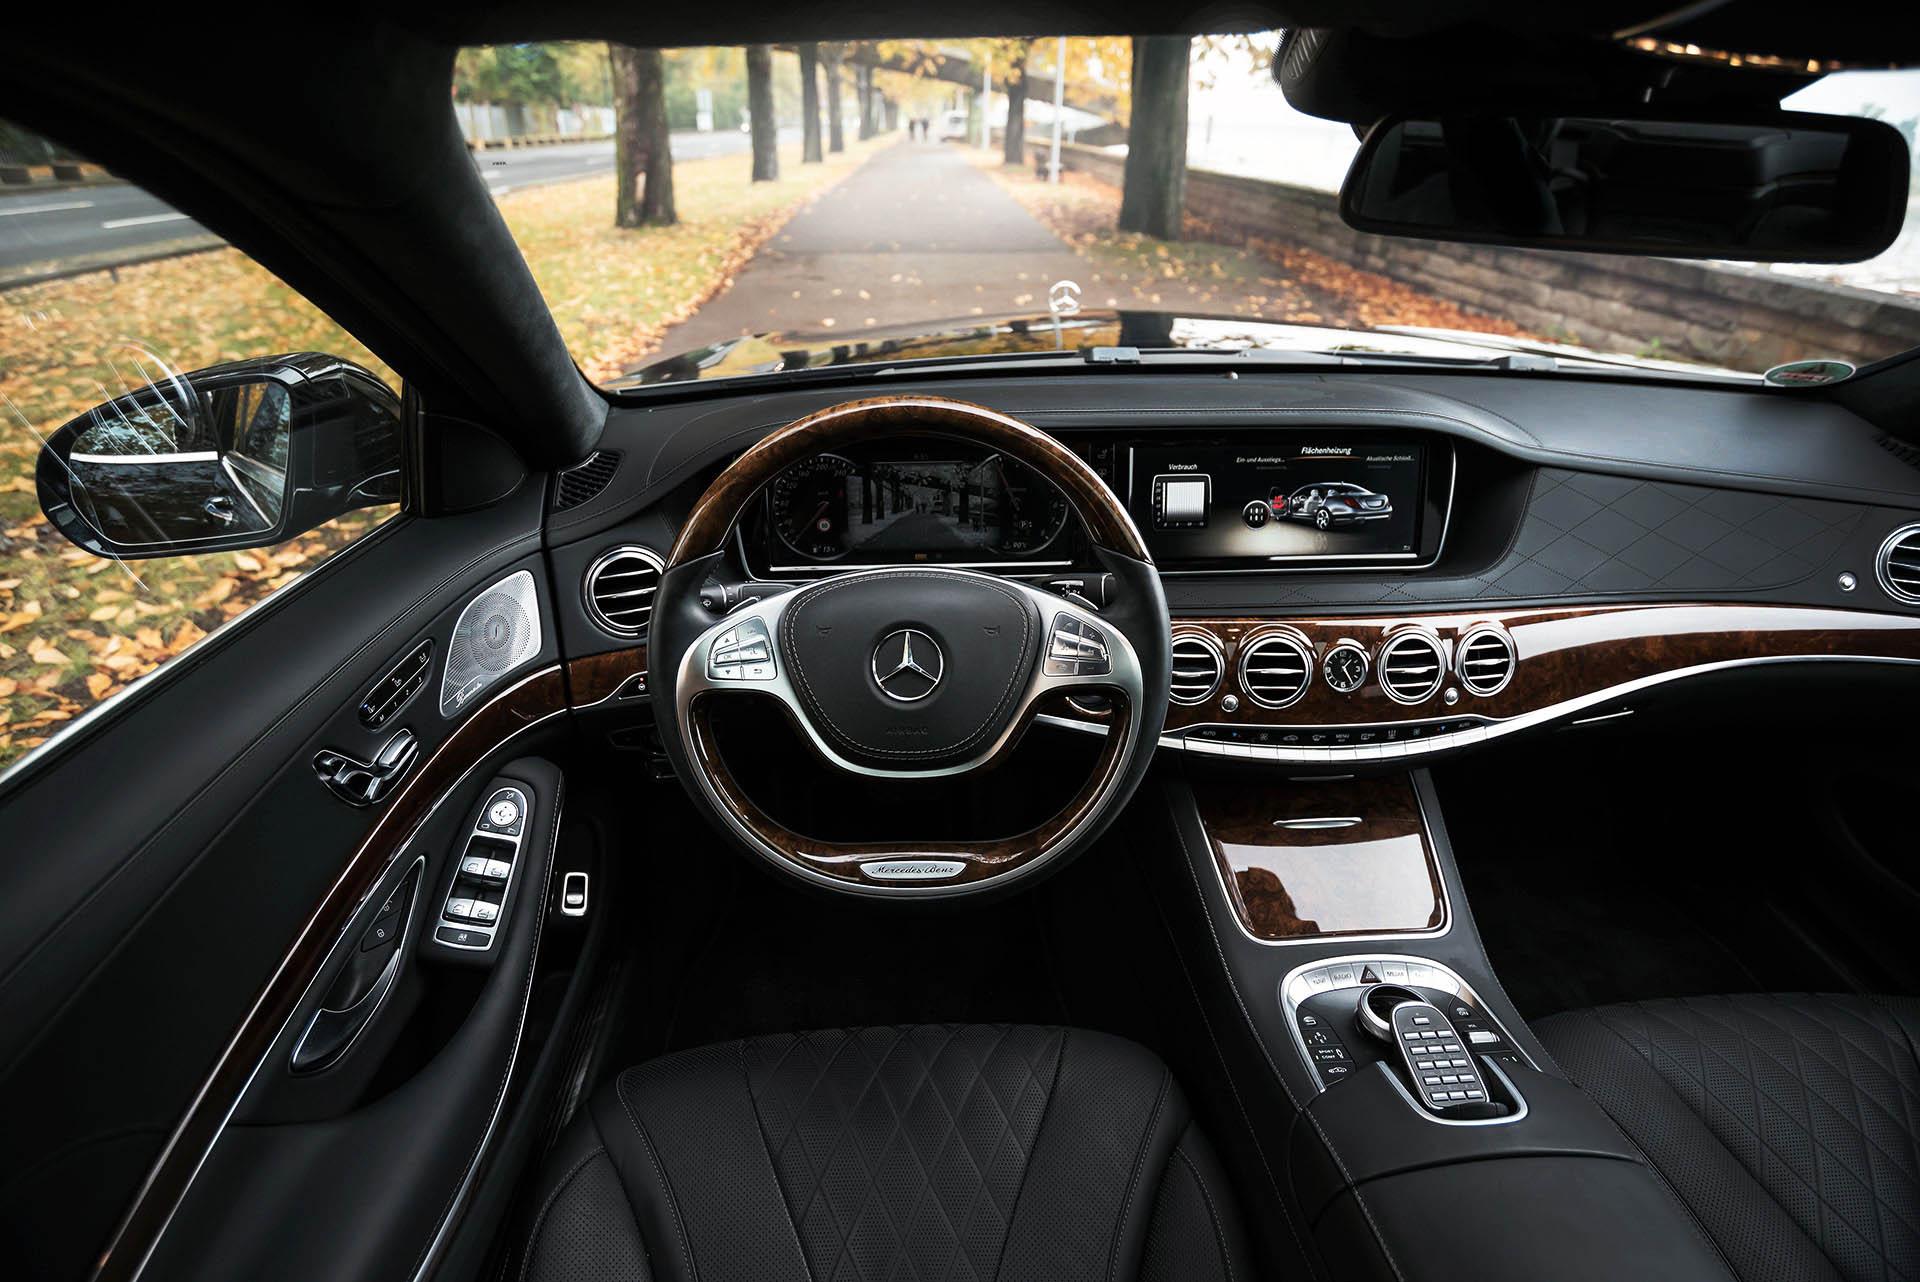 B+K_Sportwagen_Rheinland_GmbH_Mercedes_Benz_Sklasse_500_schwarz_9